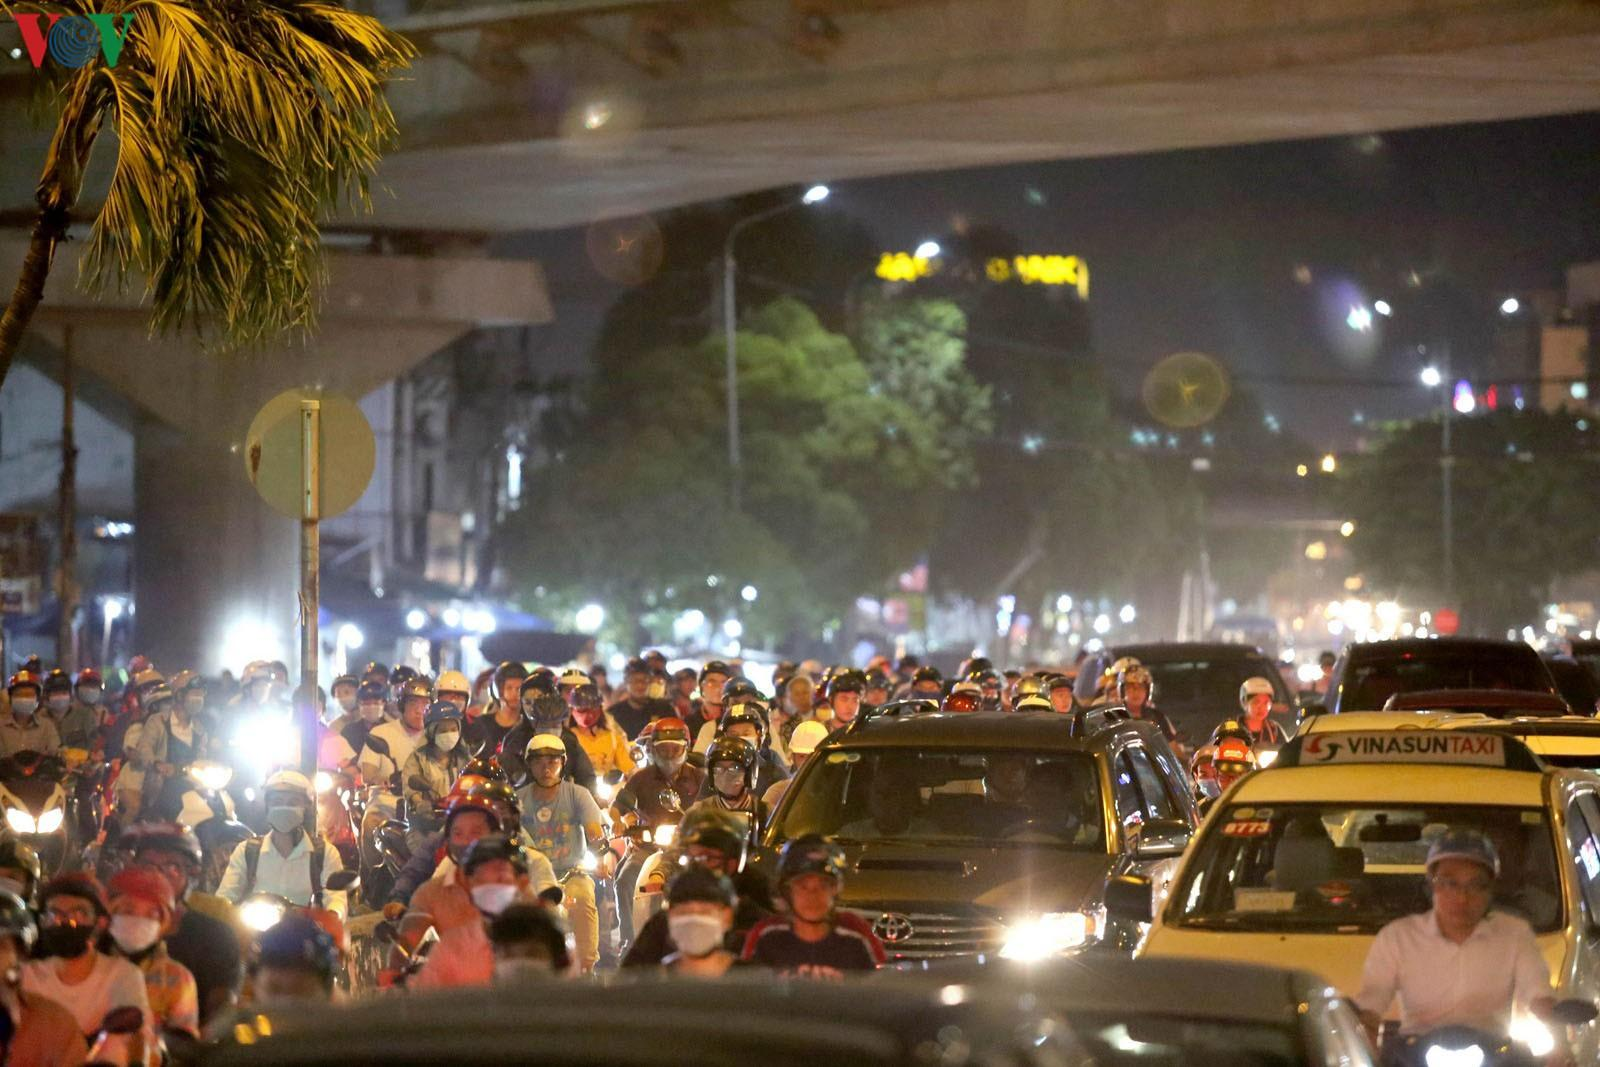 Khó có thể giải quyết triệt để kẹt xe trên đường Nguyễn Hữu Cảnh Ảnh 1